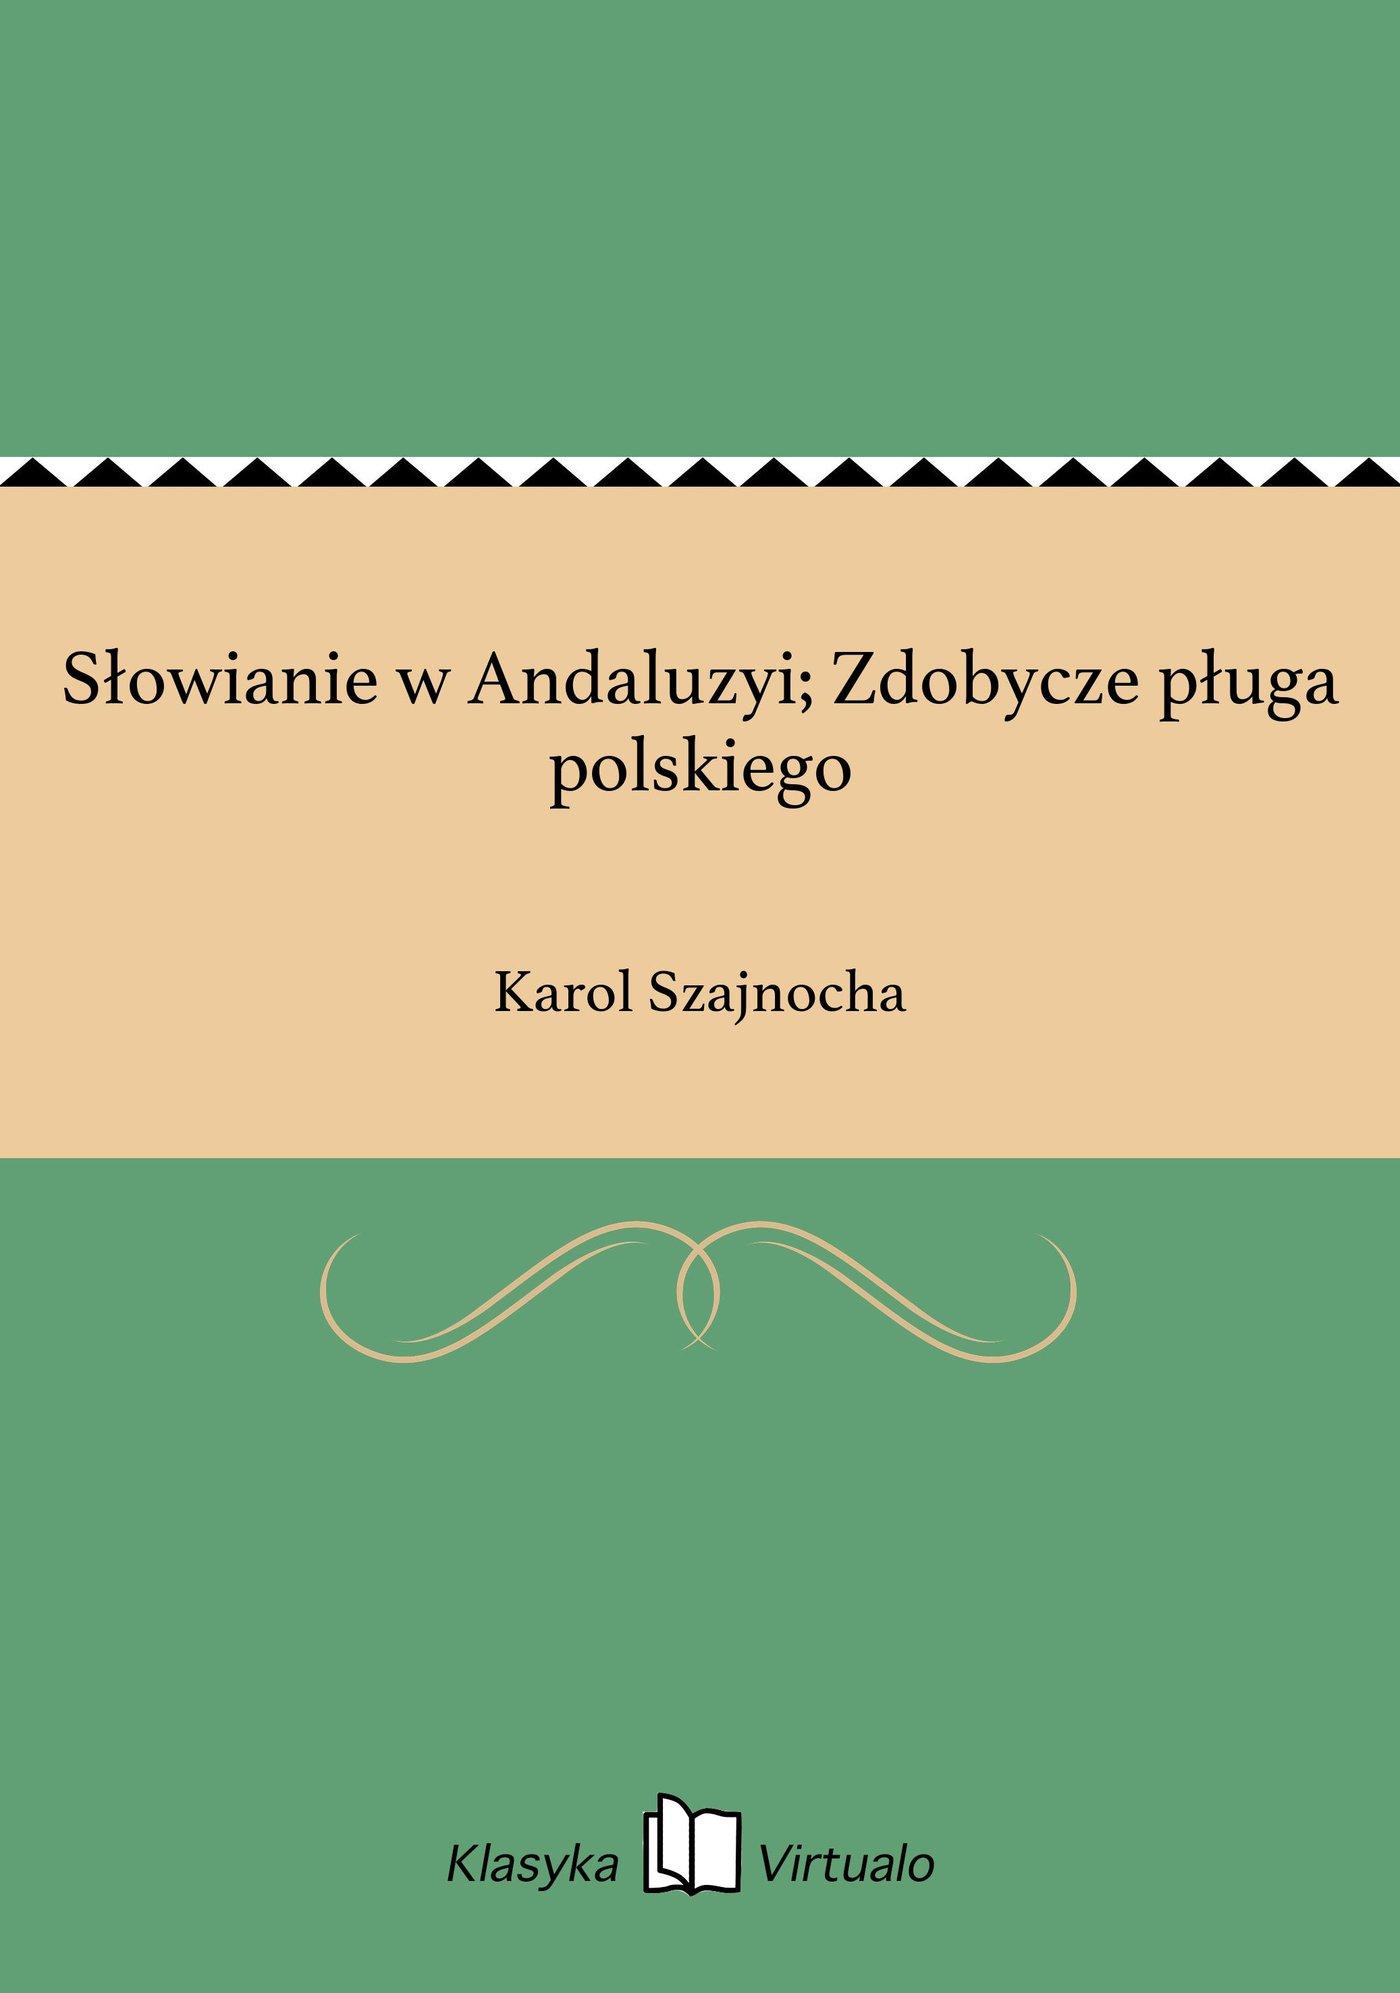 Słowianie w Andaluzyi; Zdobycze pługa polskiego - Ebook (Książka EPUB) do pobrania w formacie EPUB